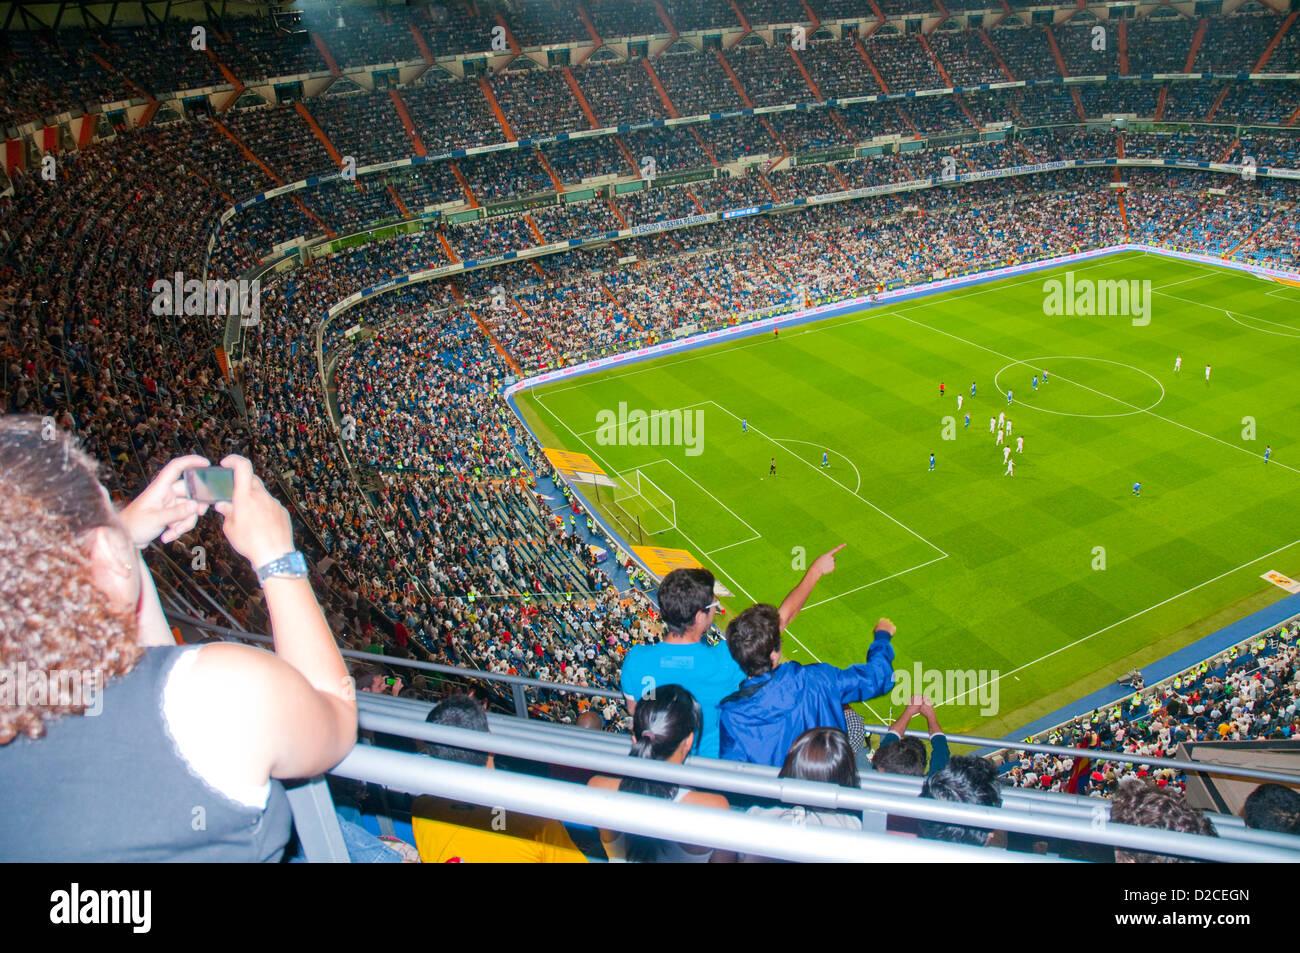 Persone a Santiago Bernabeu Stadium durante la partita di calcio della squadra del Real Madrid. Madrid, Spagna. Immagini Stock